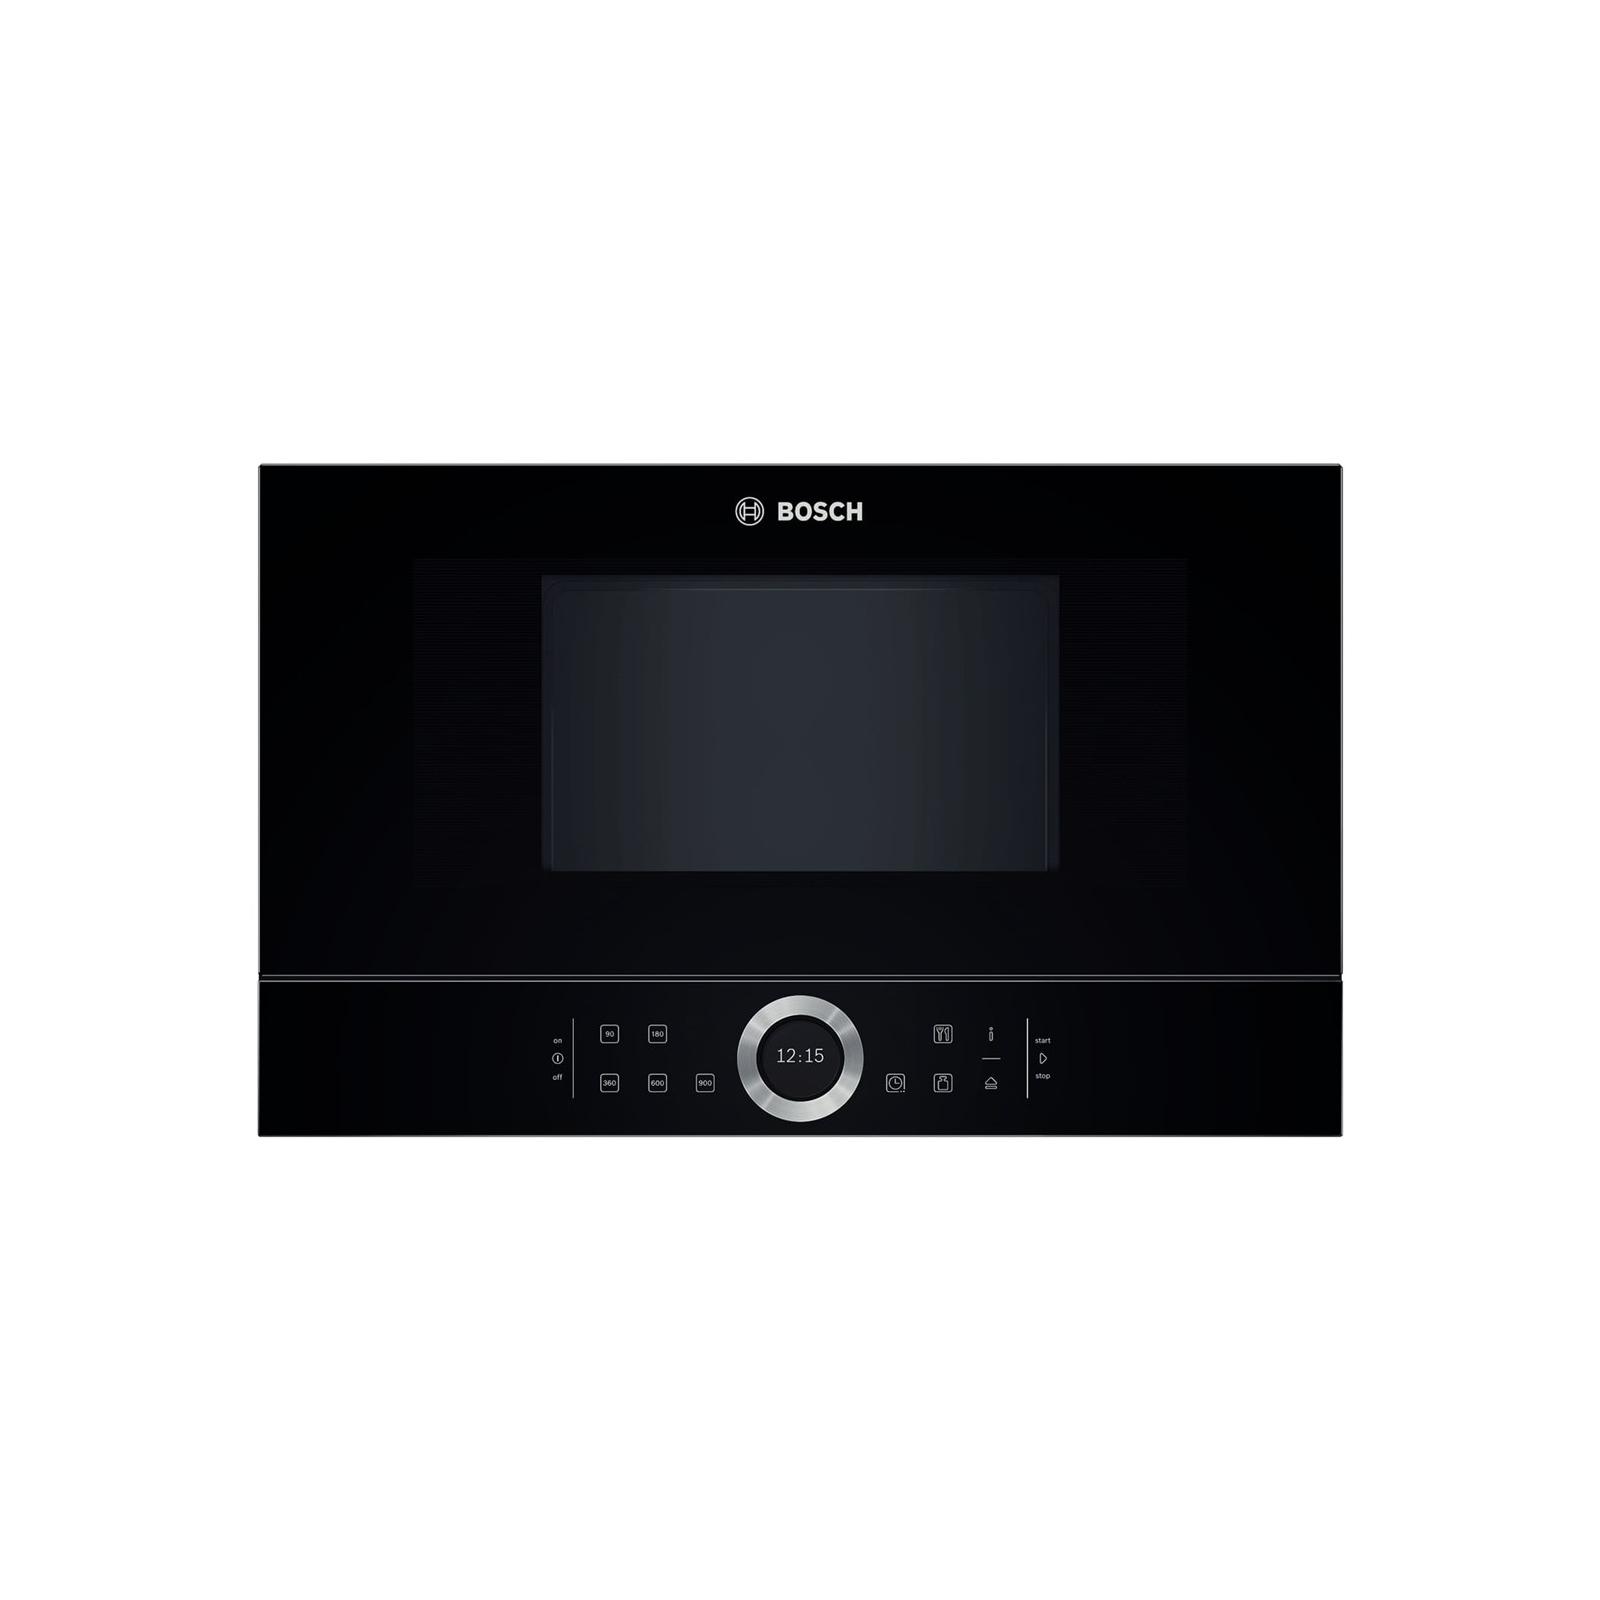 Микроволновая печь BOSCH BFL 634 GB1 (BFL634GB1)